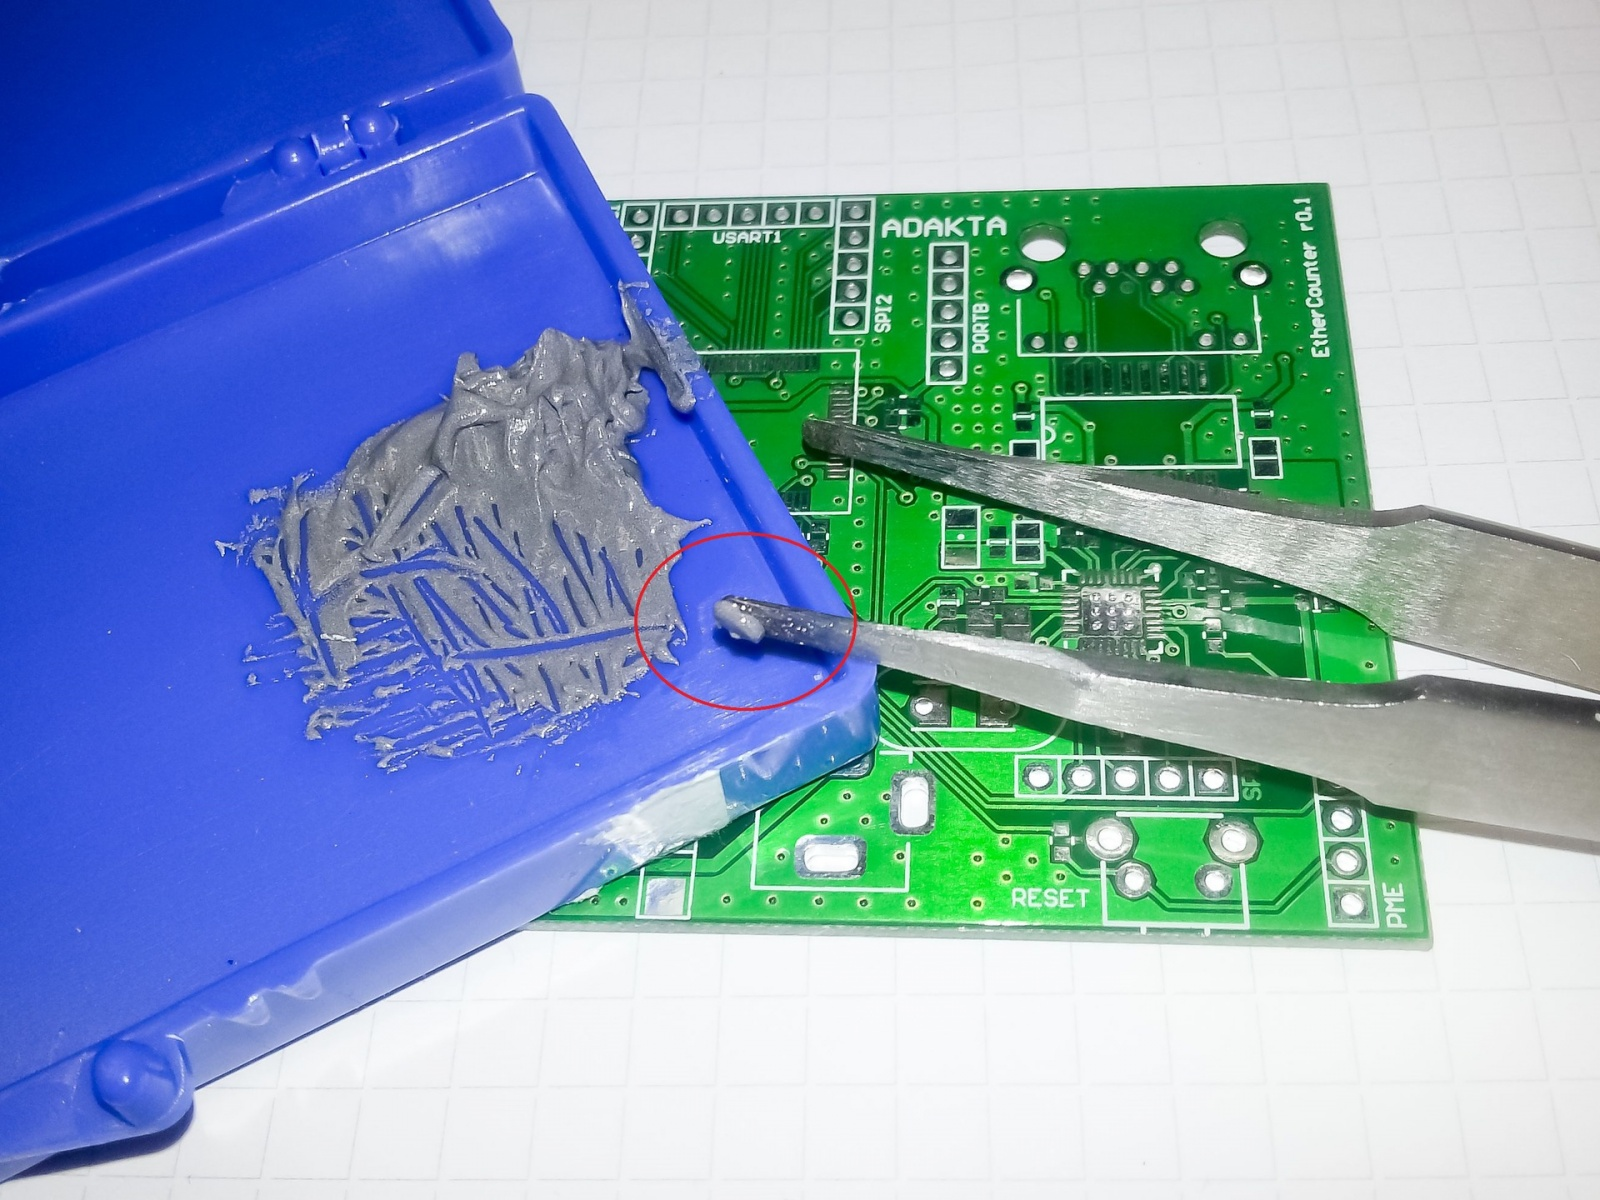 Ручной монтаж сложных плат на компонентах 0402, 0603, QFN, LQFP и THT - 6